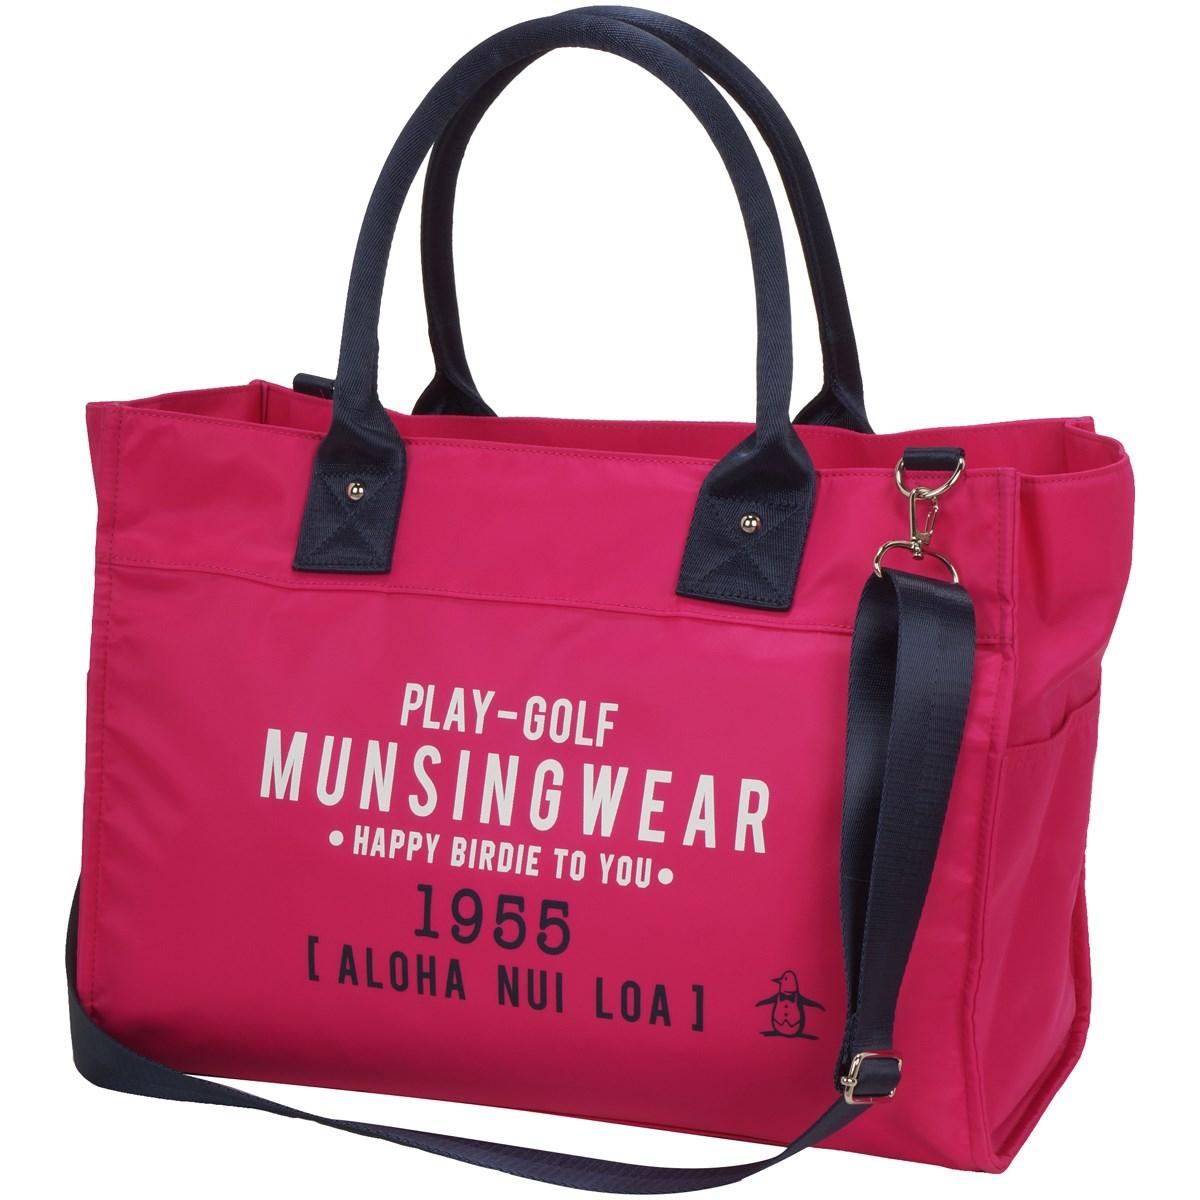 マンシングウェア Munsingwear トートバッグ ピンク 00